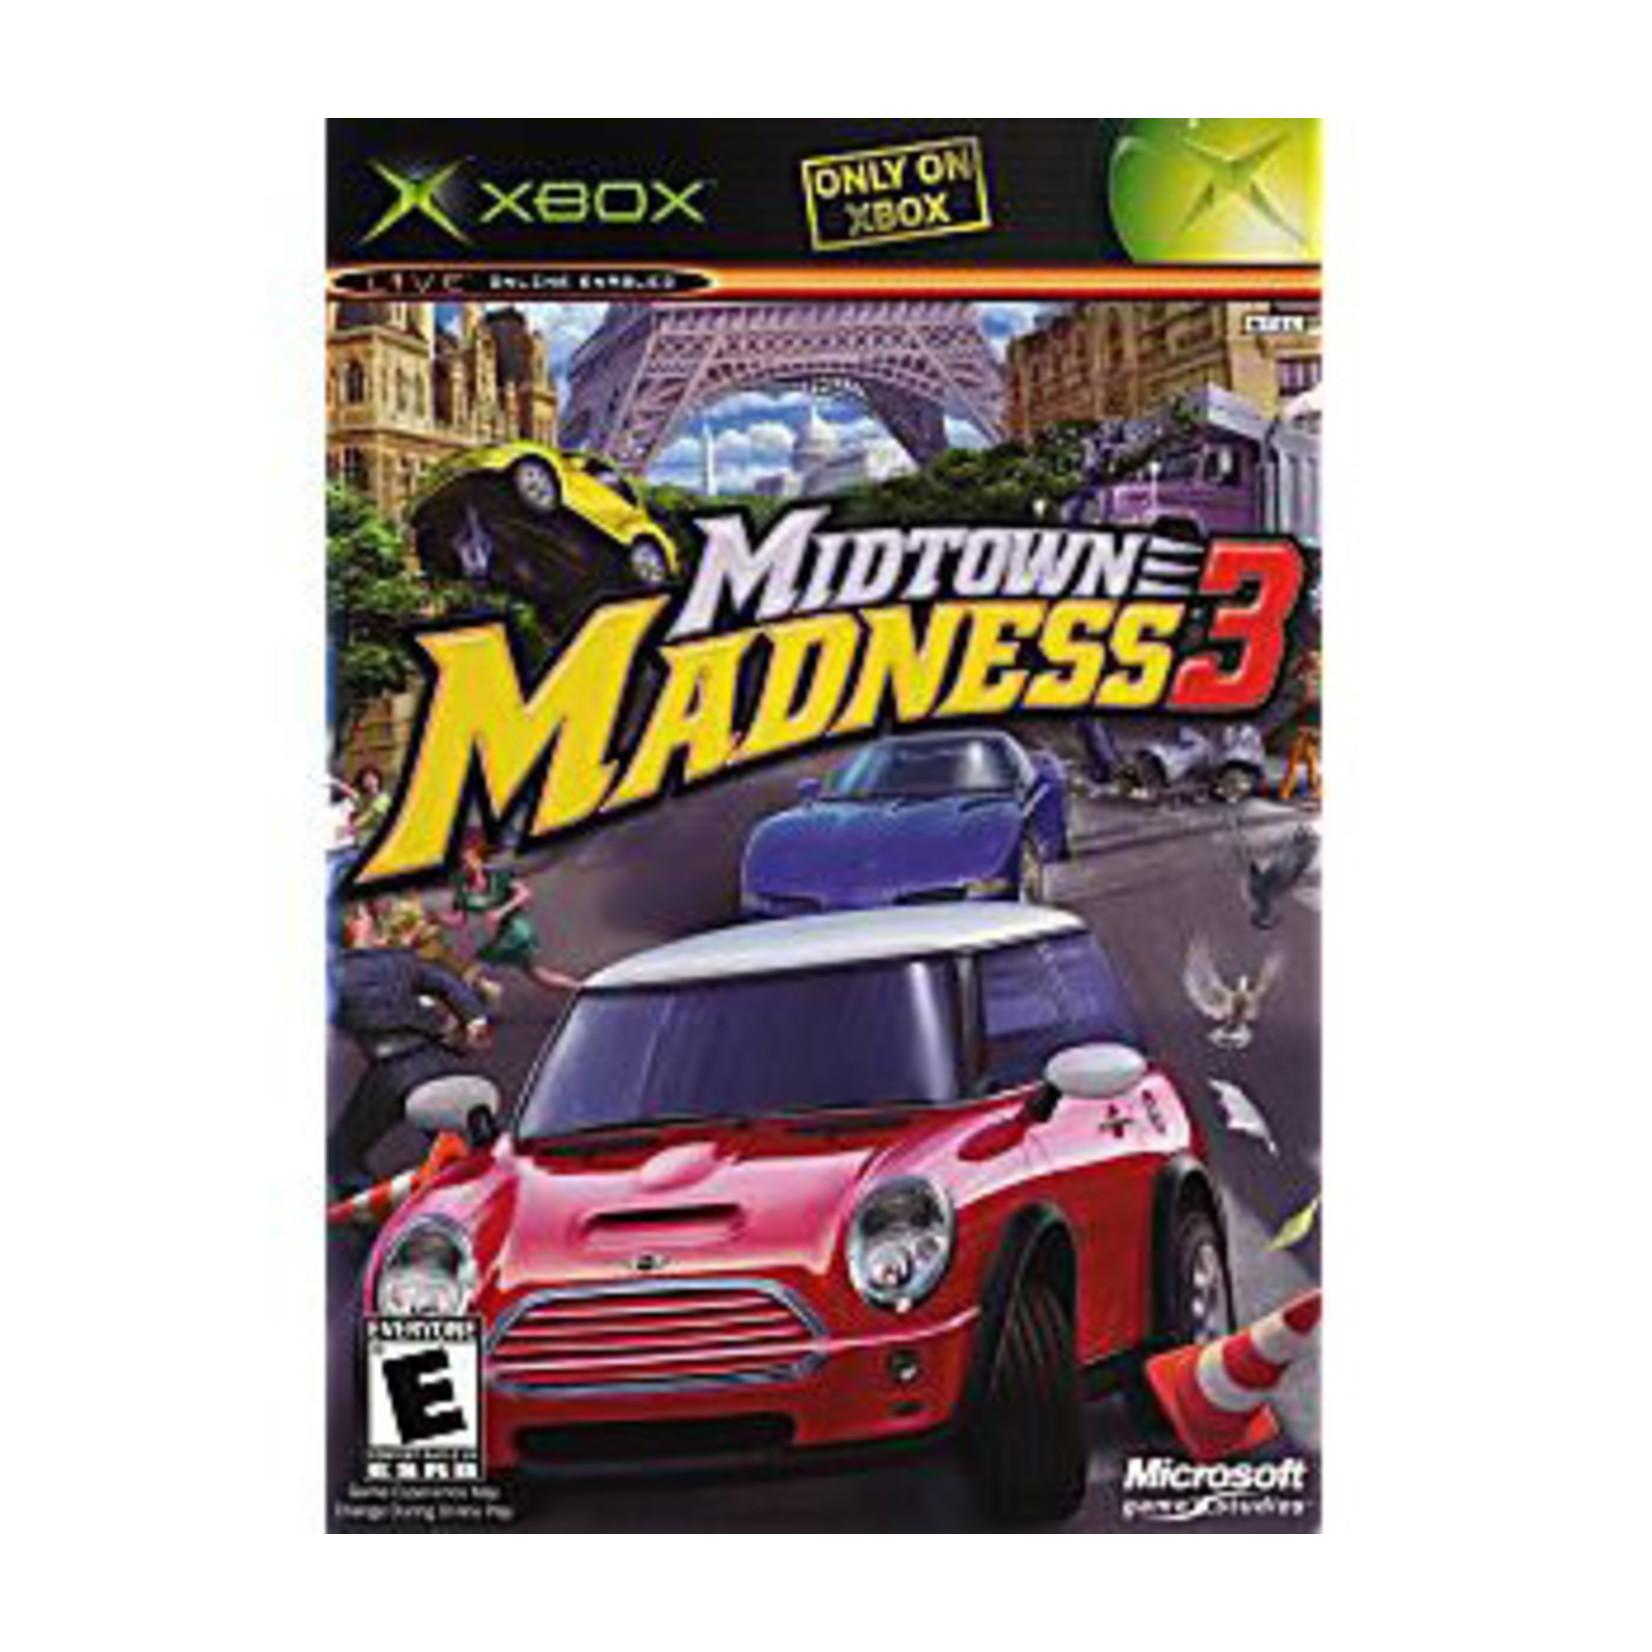 XBU-MIDTOWN MADNESS 3